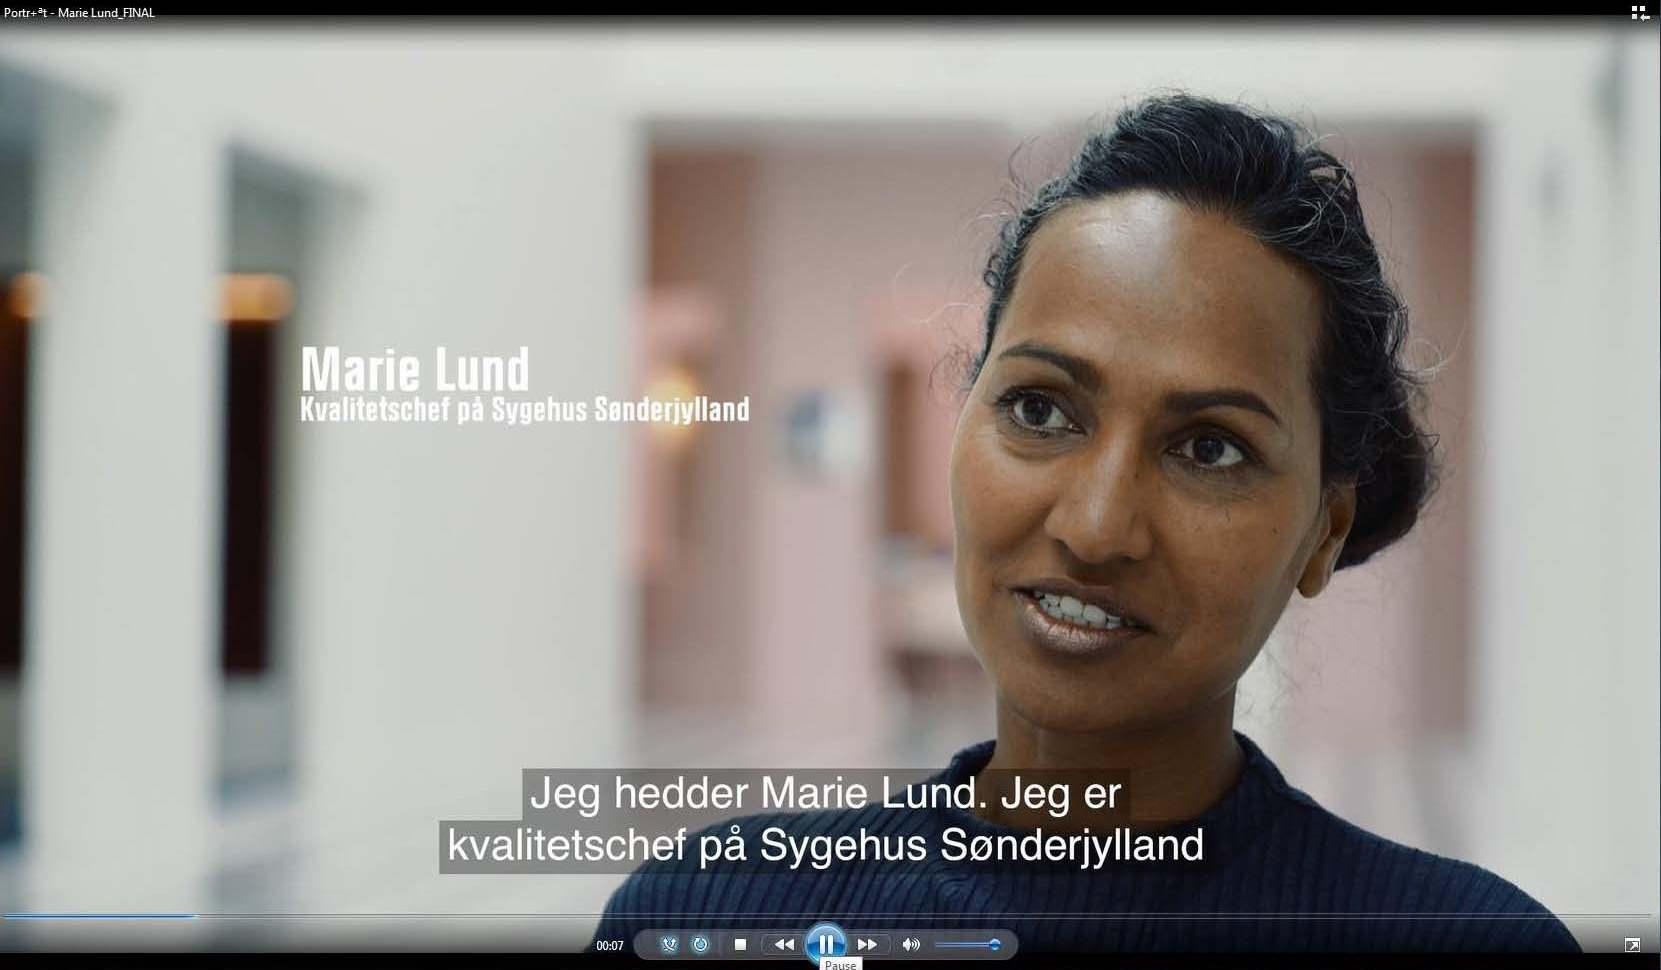 Marie Lund_MMD 2016